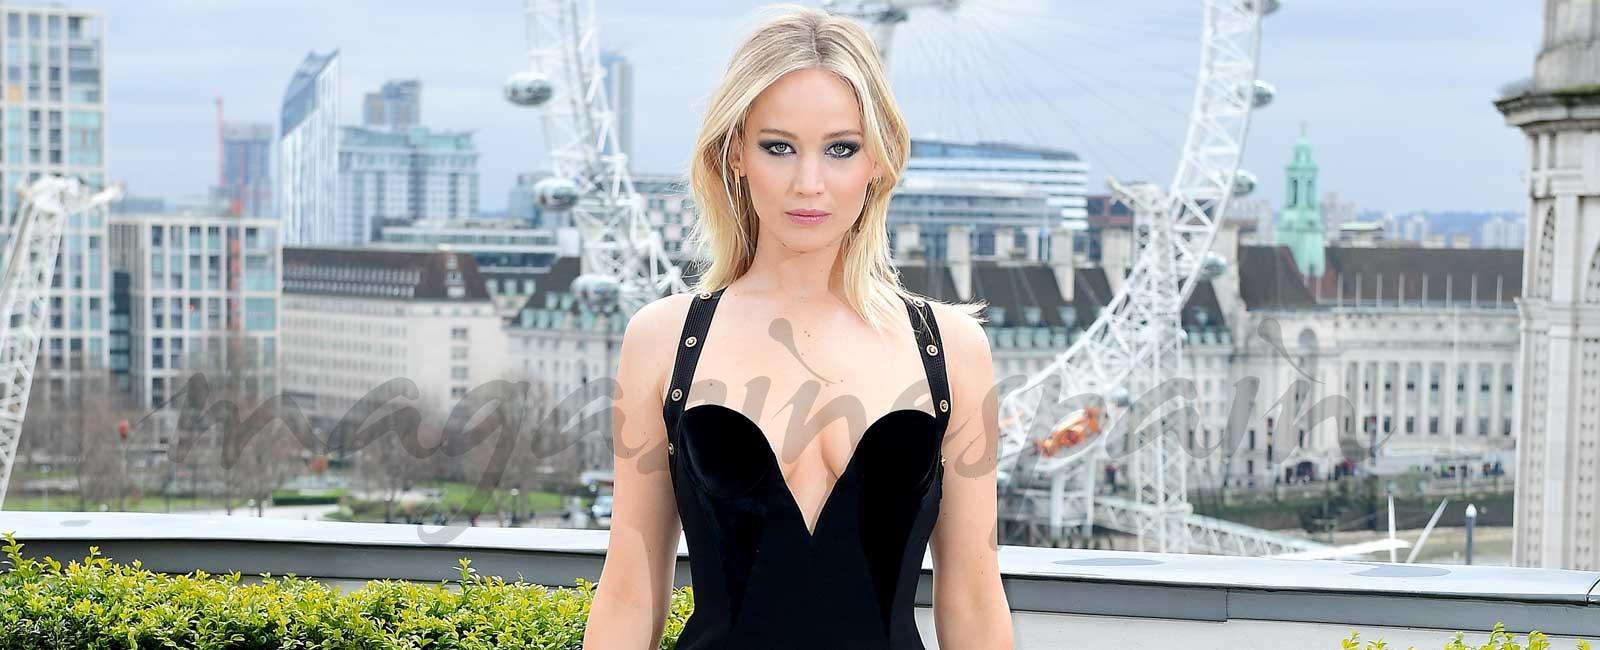 Jennifer Lawrence indignada por los comentarios sobre su espectacular vestido de Versace